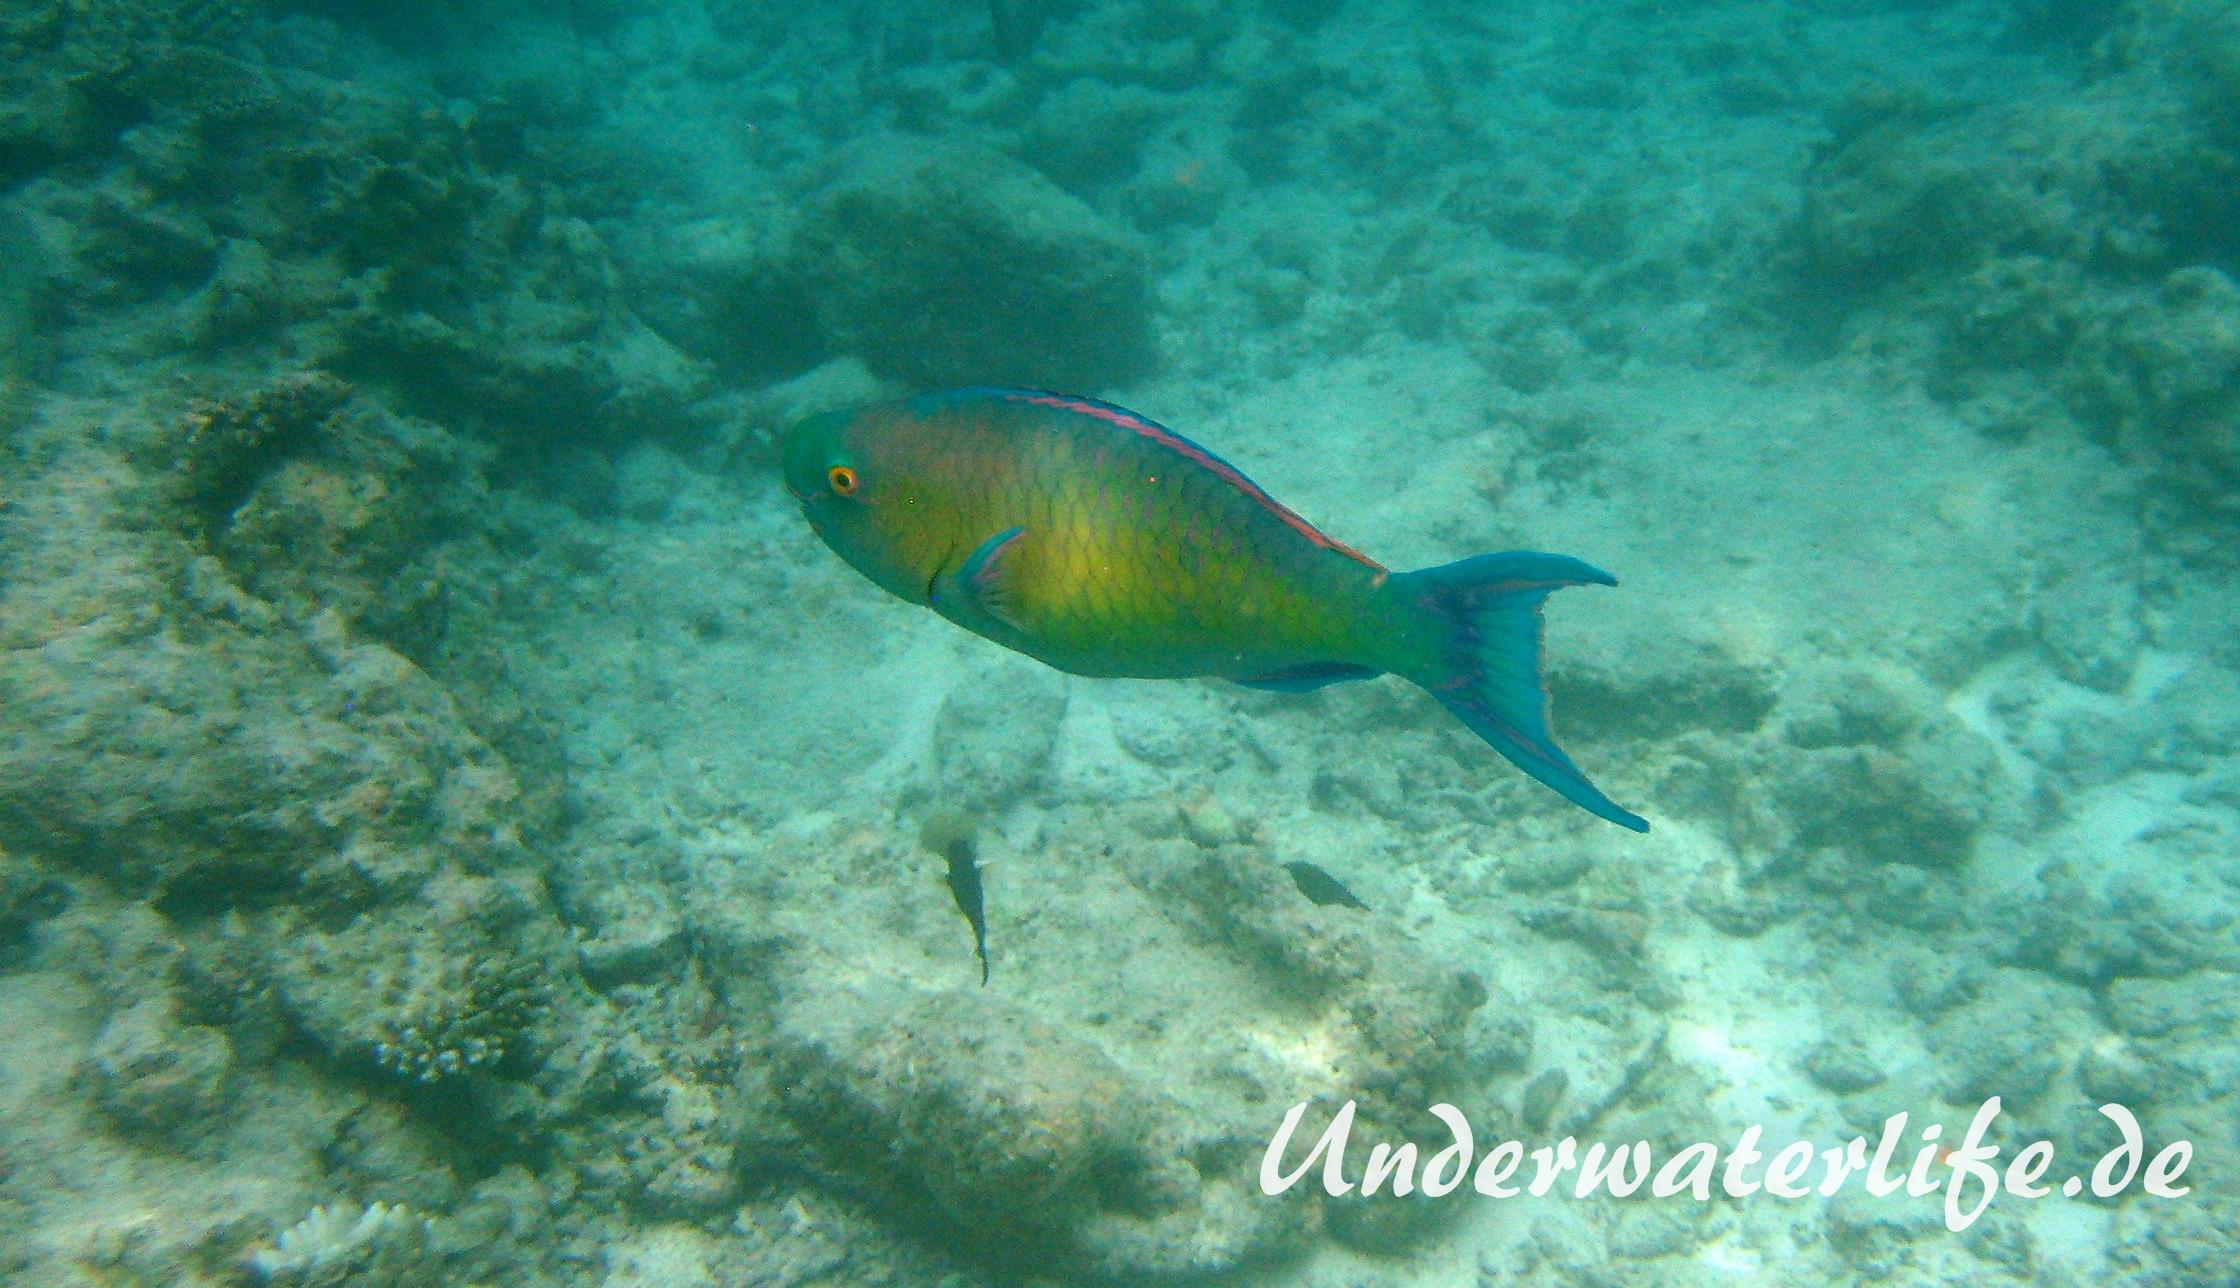 Indischer-Buckelkopfpapageifisch_adult-Maennchen-Malediven-2013-014